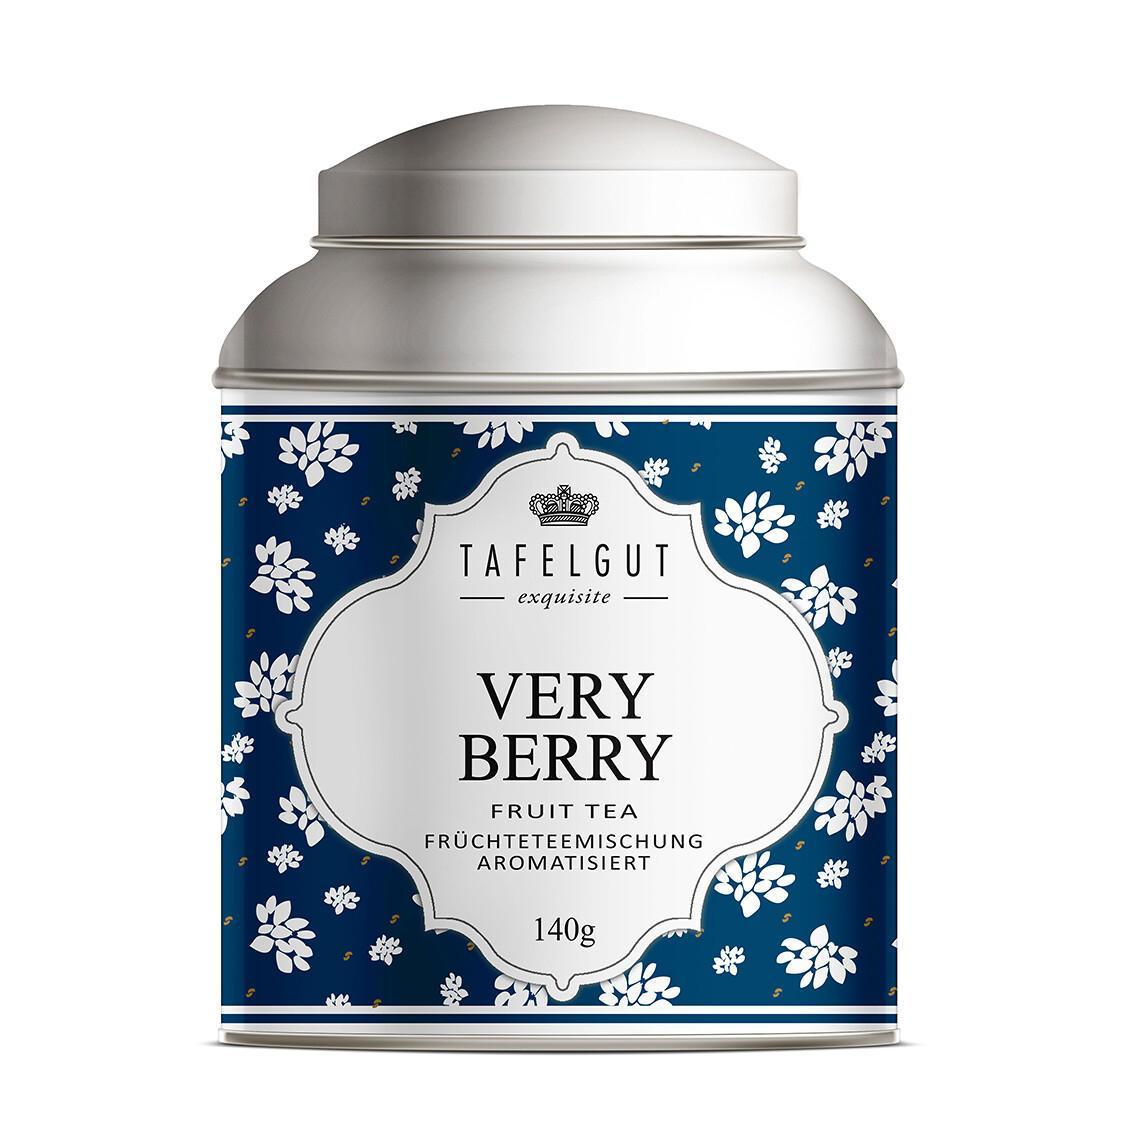 TAFELGUT Ovocný čaj - Very Berry 140 g, modrá barva, kov